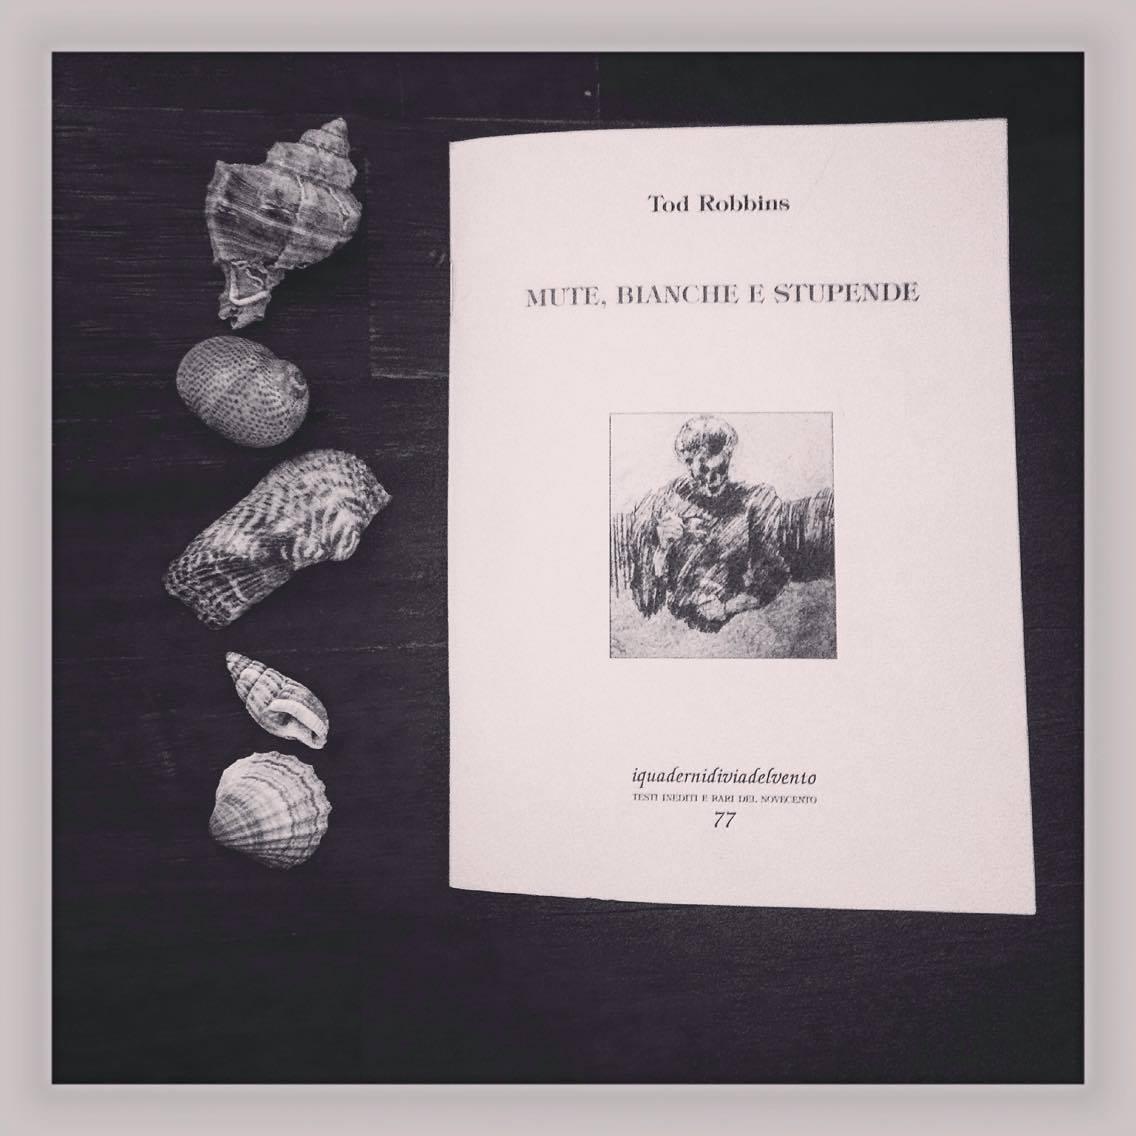 """Via del Vento: """"Mute, bianche e stupende"""", il racconto inedito di Tod Robbins, padre di tanti mostri"""